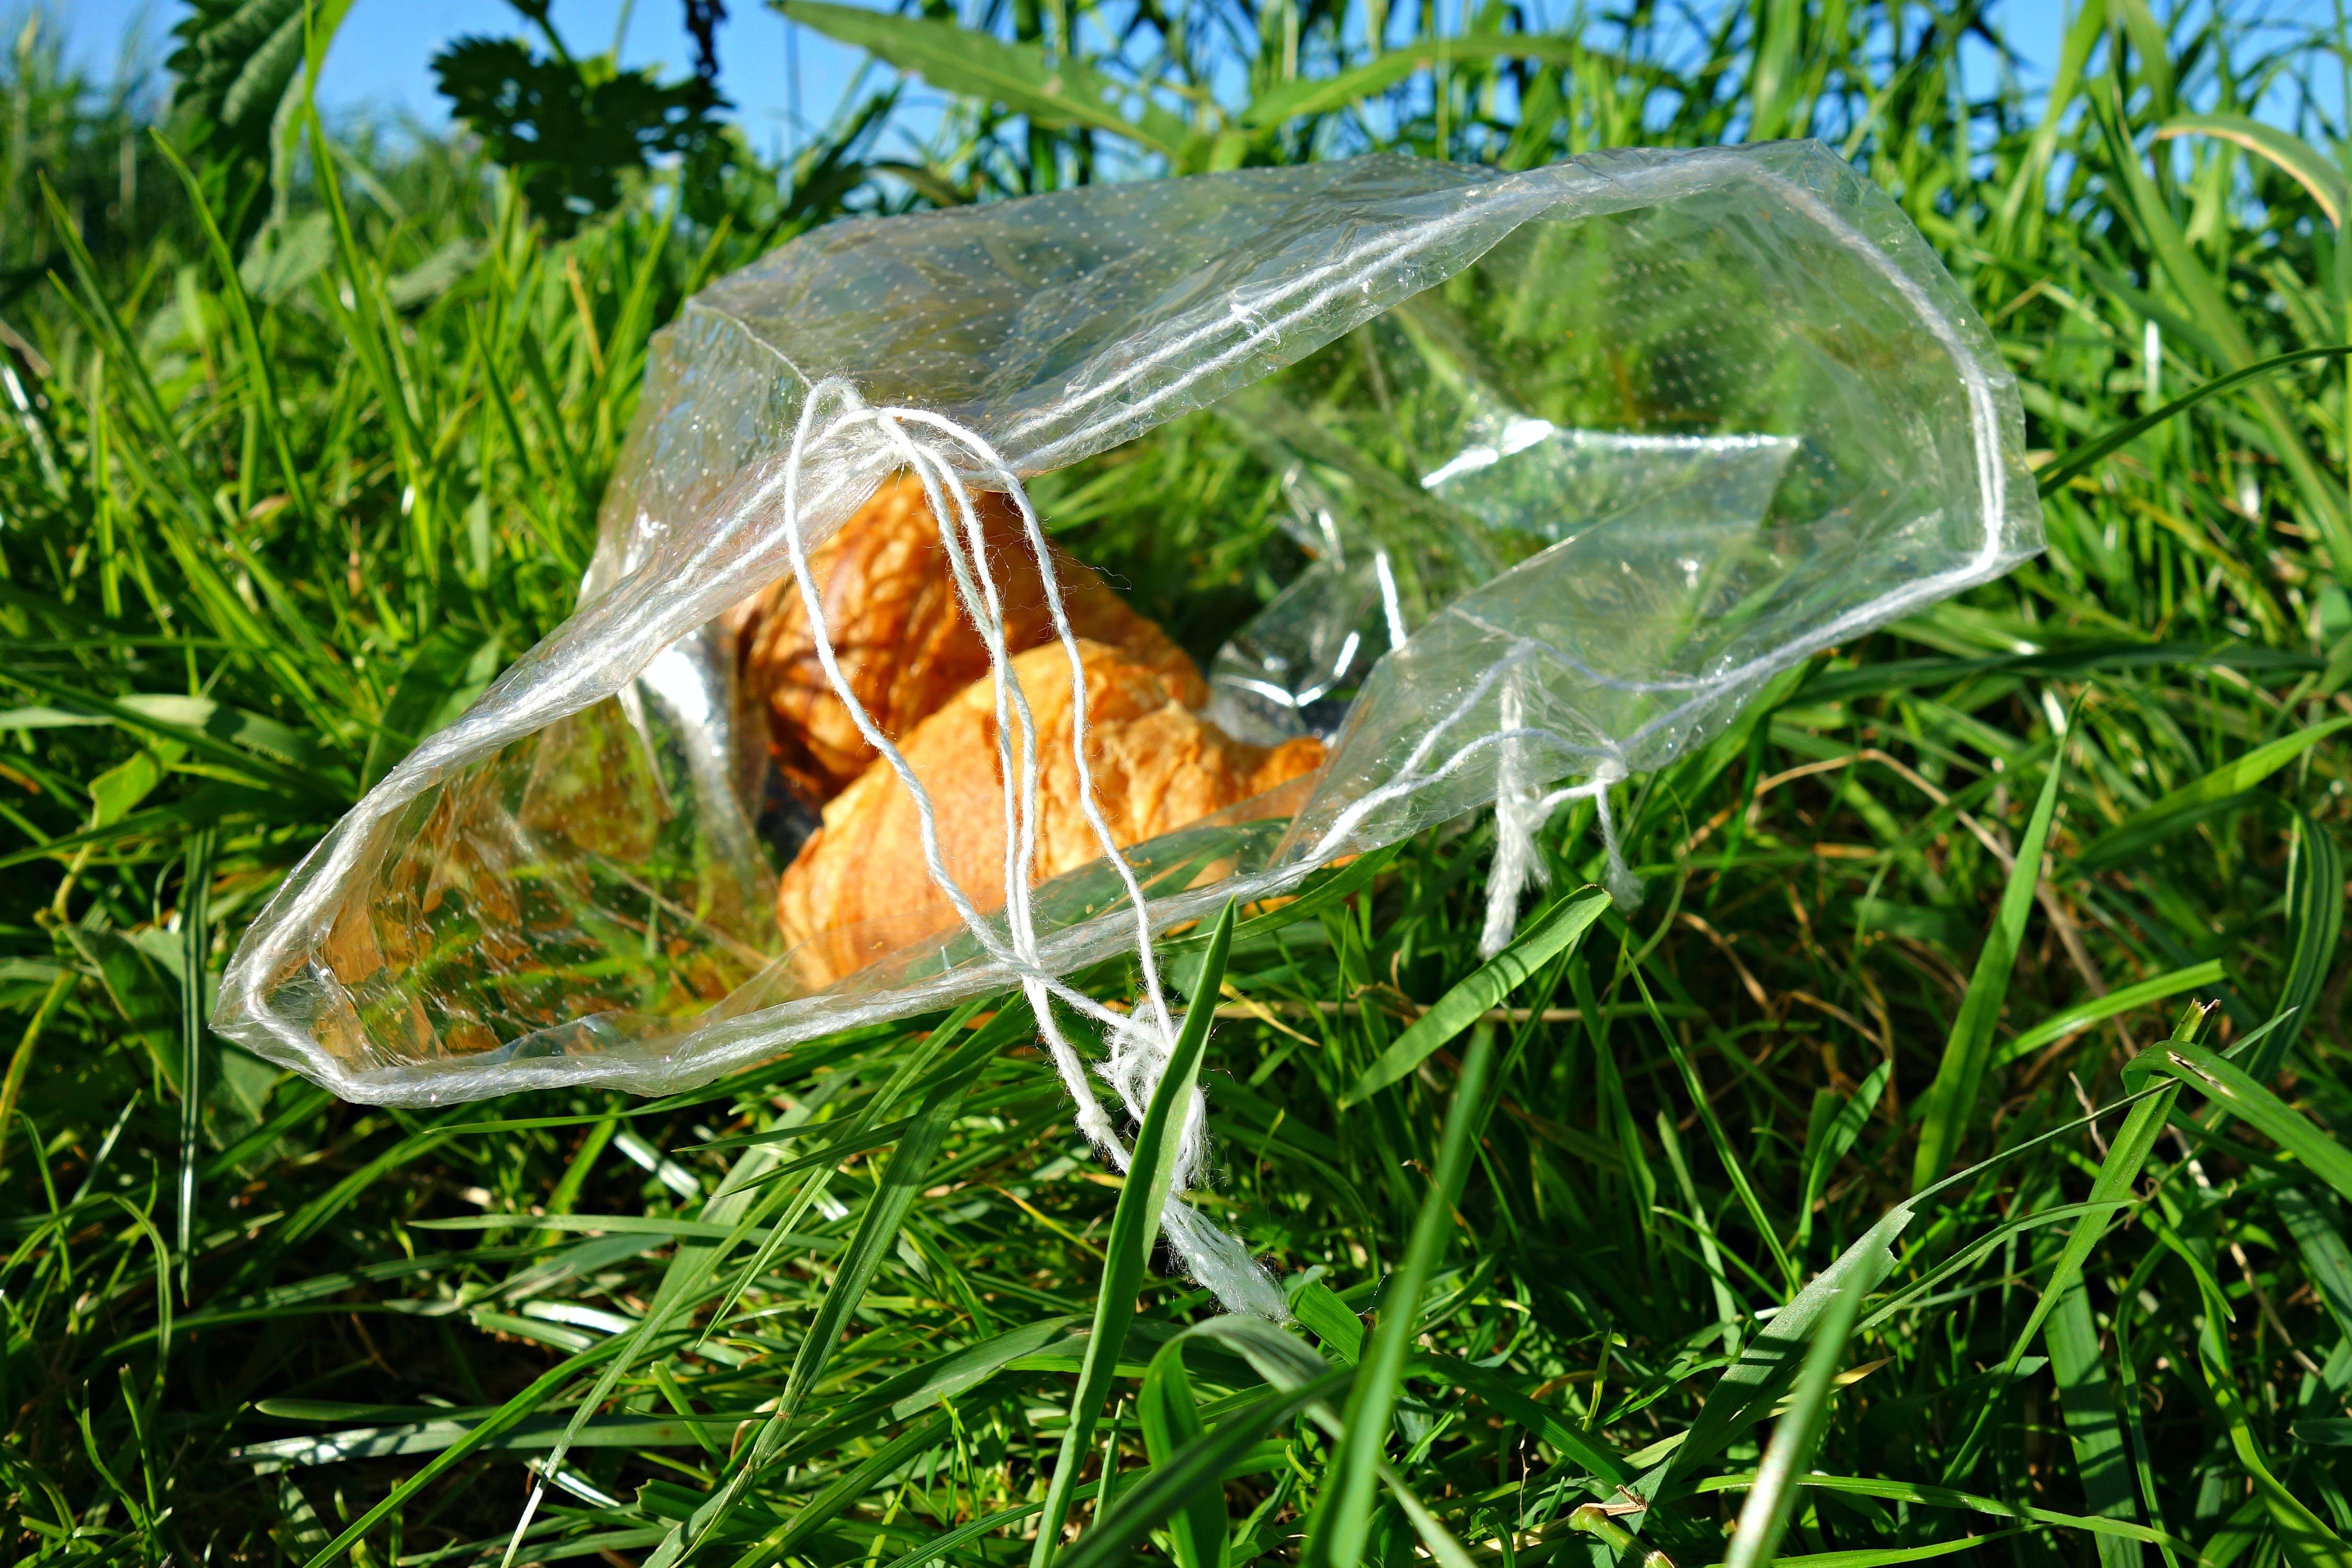 of bag, grass, litter, litterbug